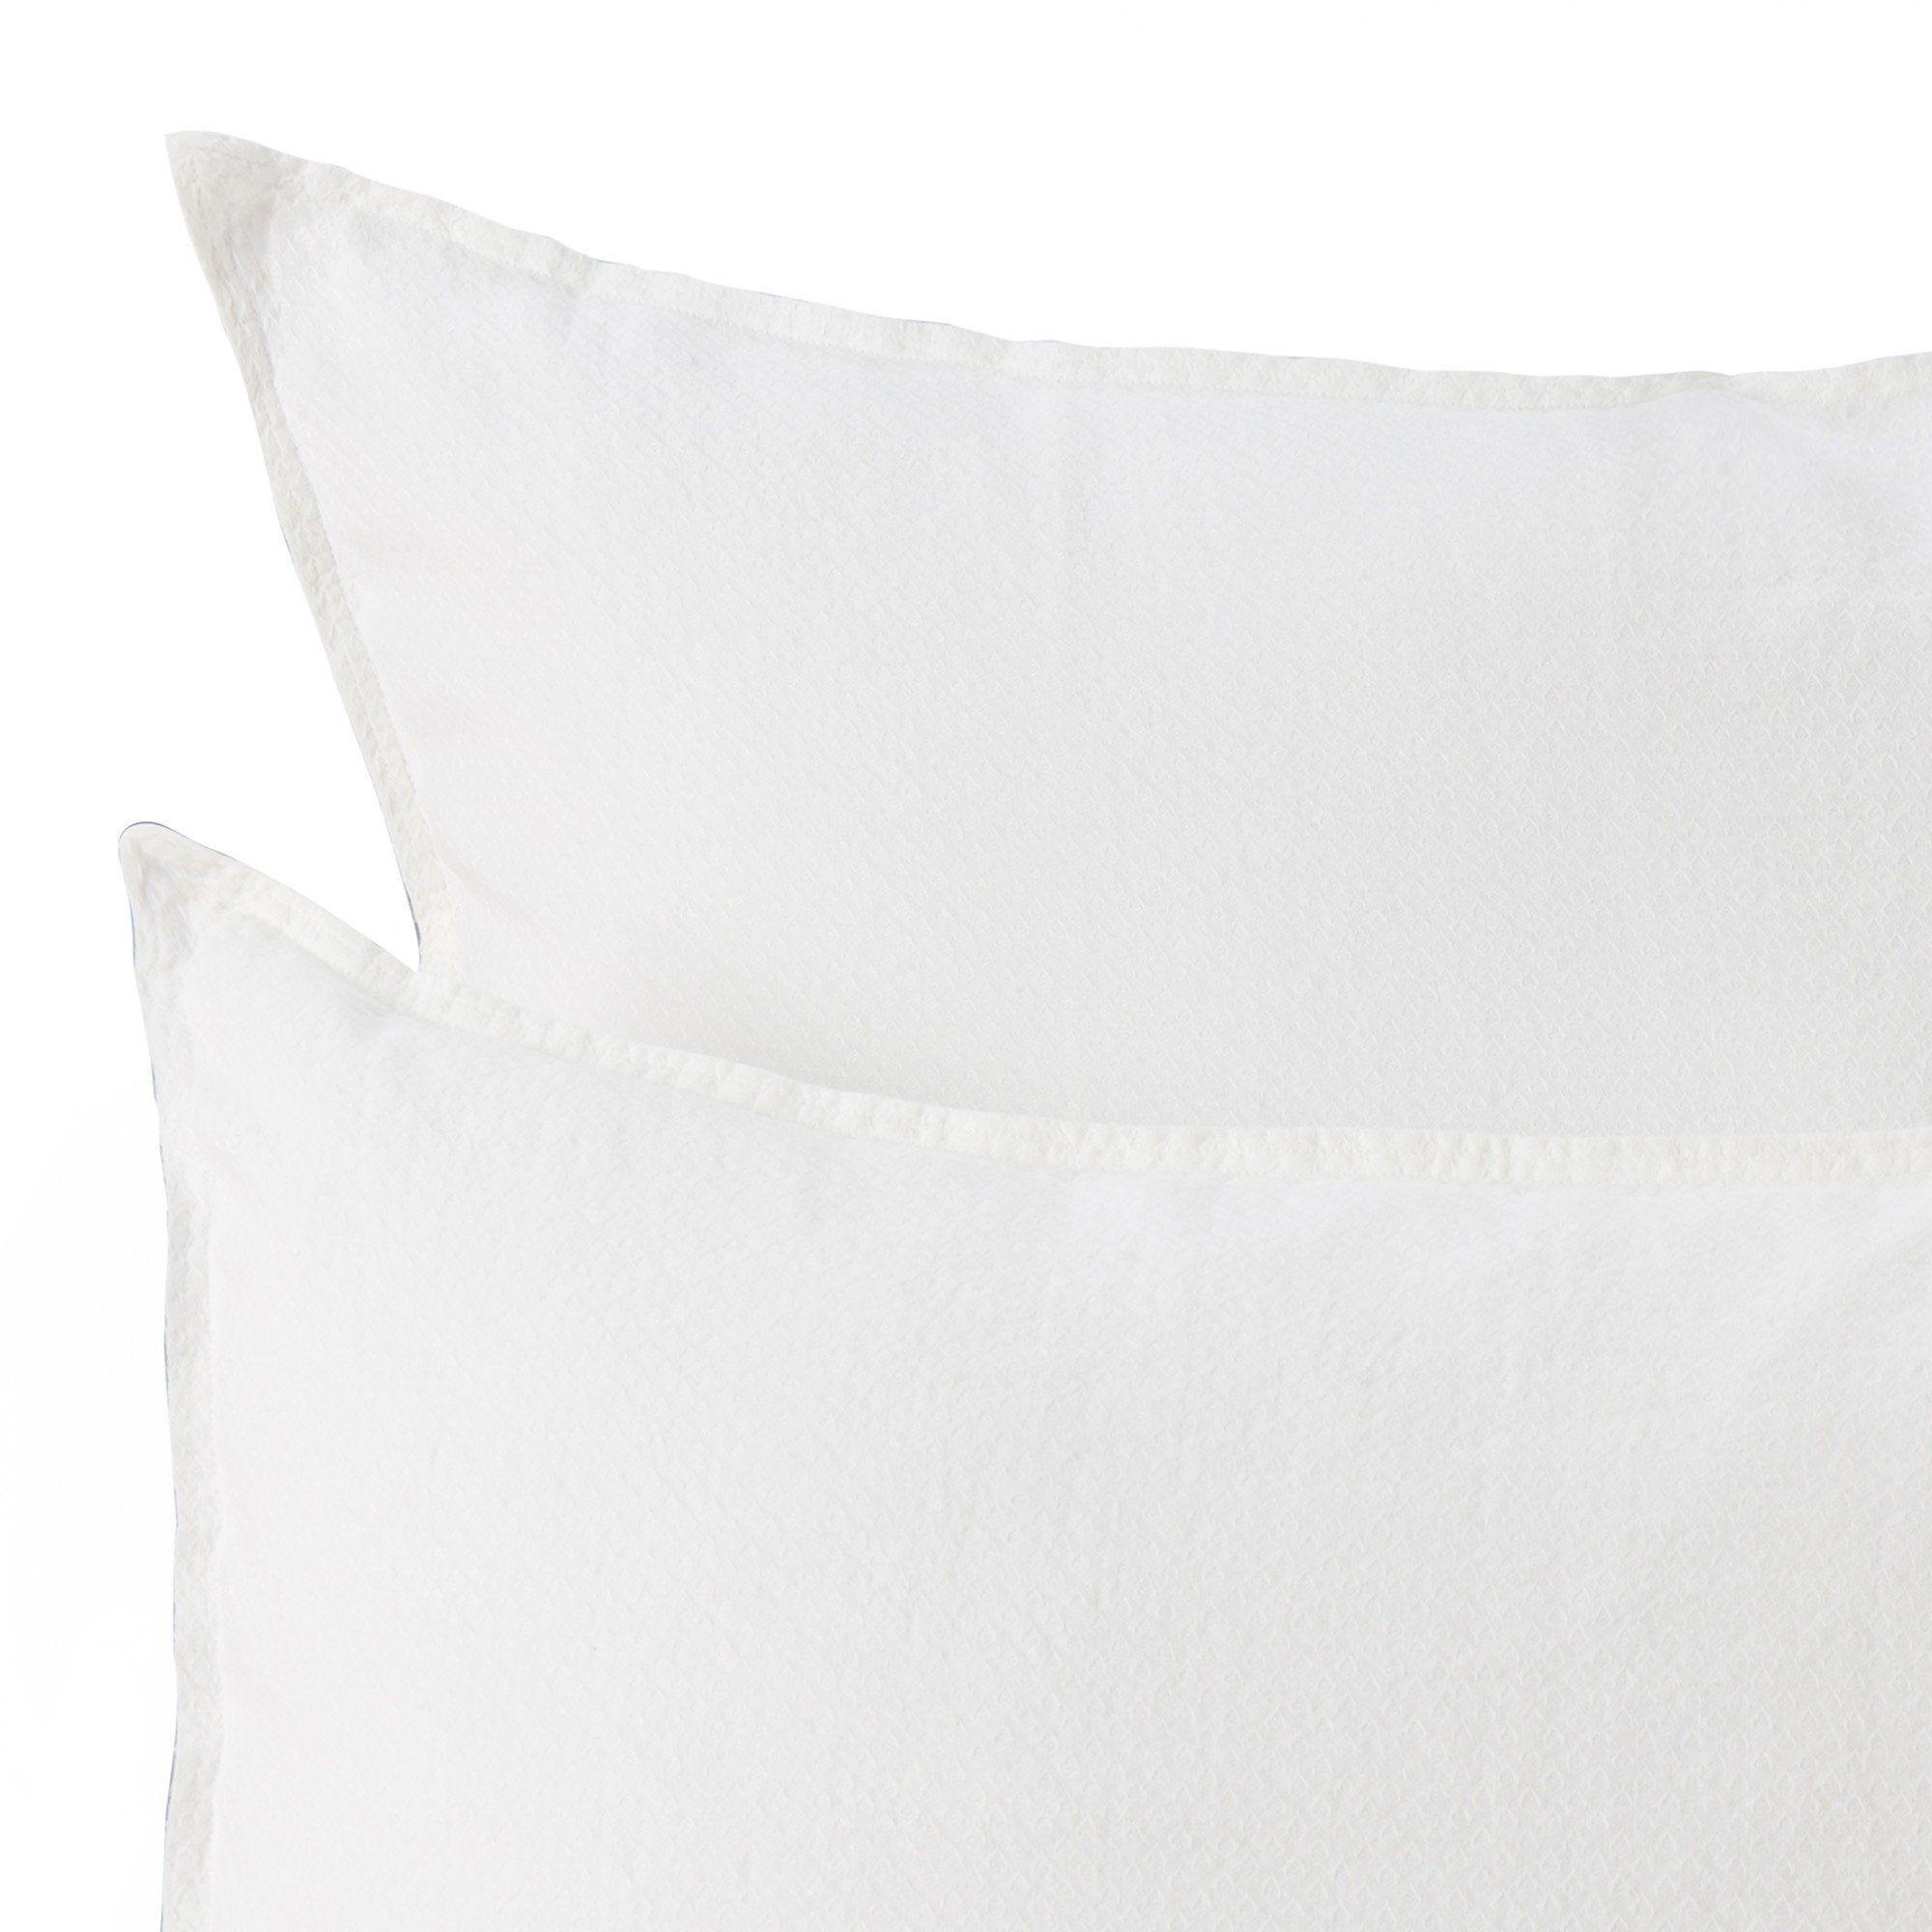 Leinen Bettwasche Lousa Naturweiss 155x220 Cm Kissenbezuge